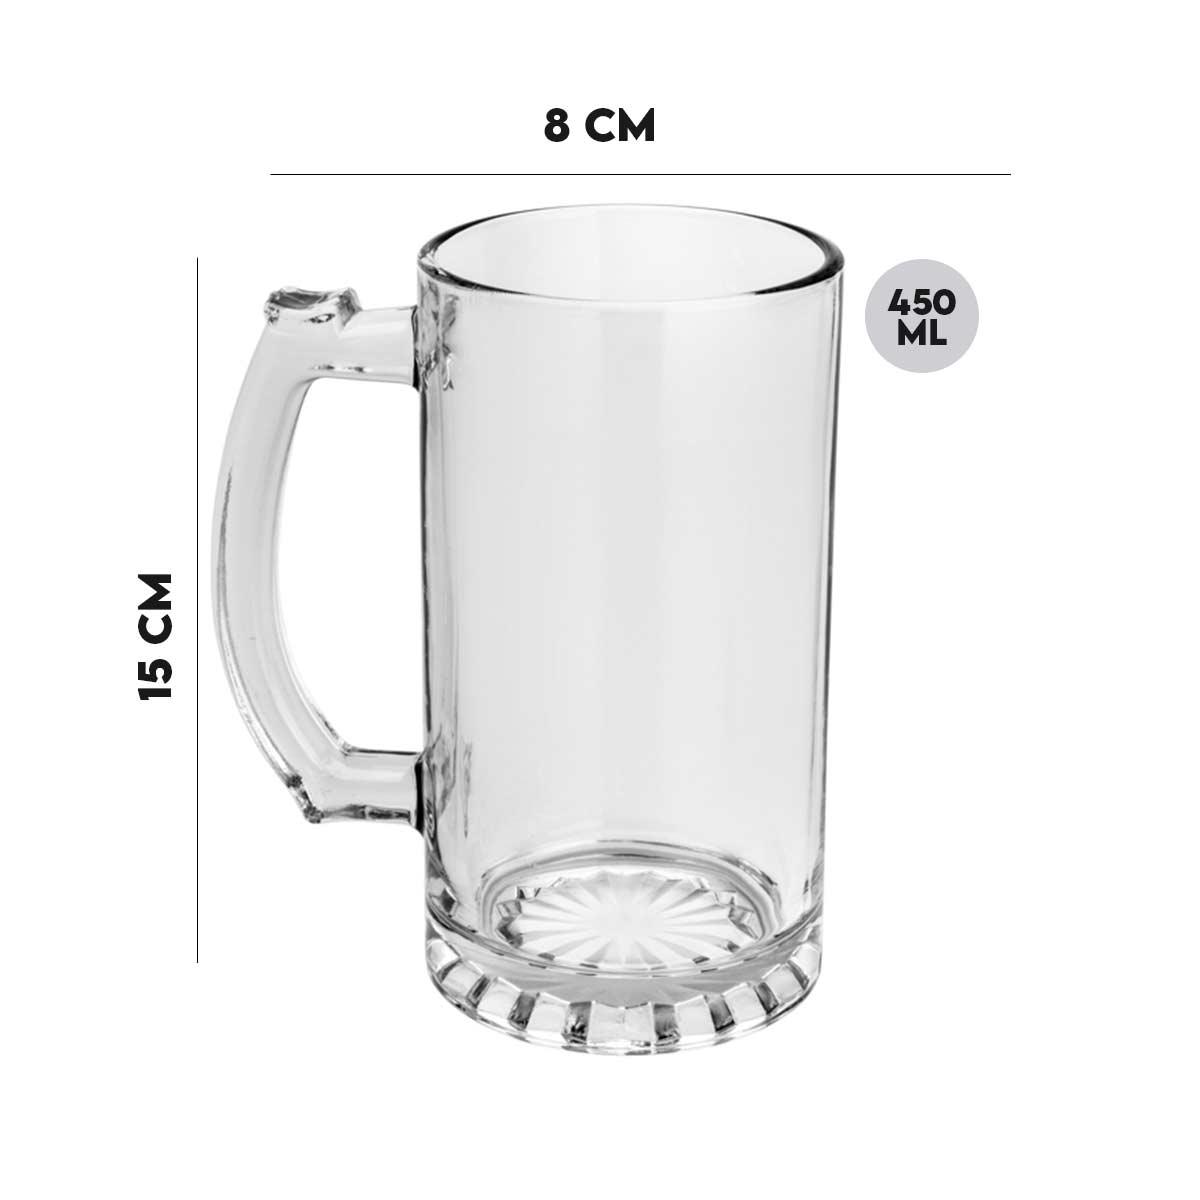 Jogo 8 Canecas p/Chopp de Vidro Germany Lyor 450 ml  - Lemis